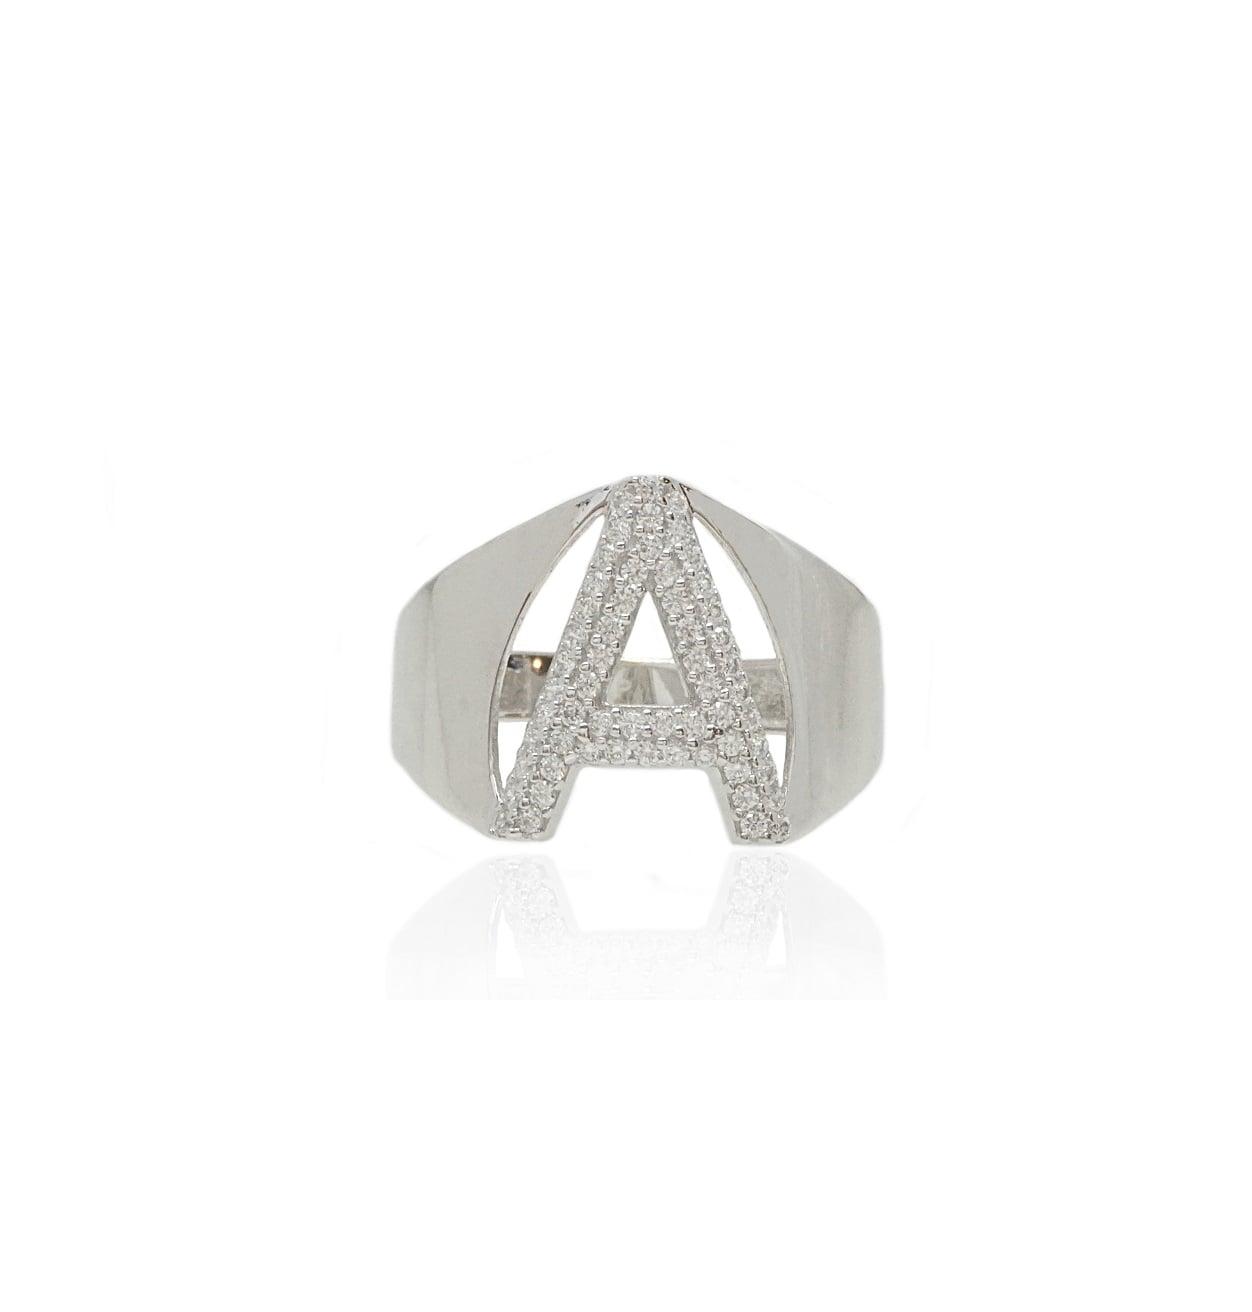 טבעת חותם עם אות וזרקונים